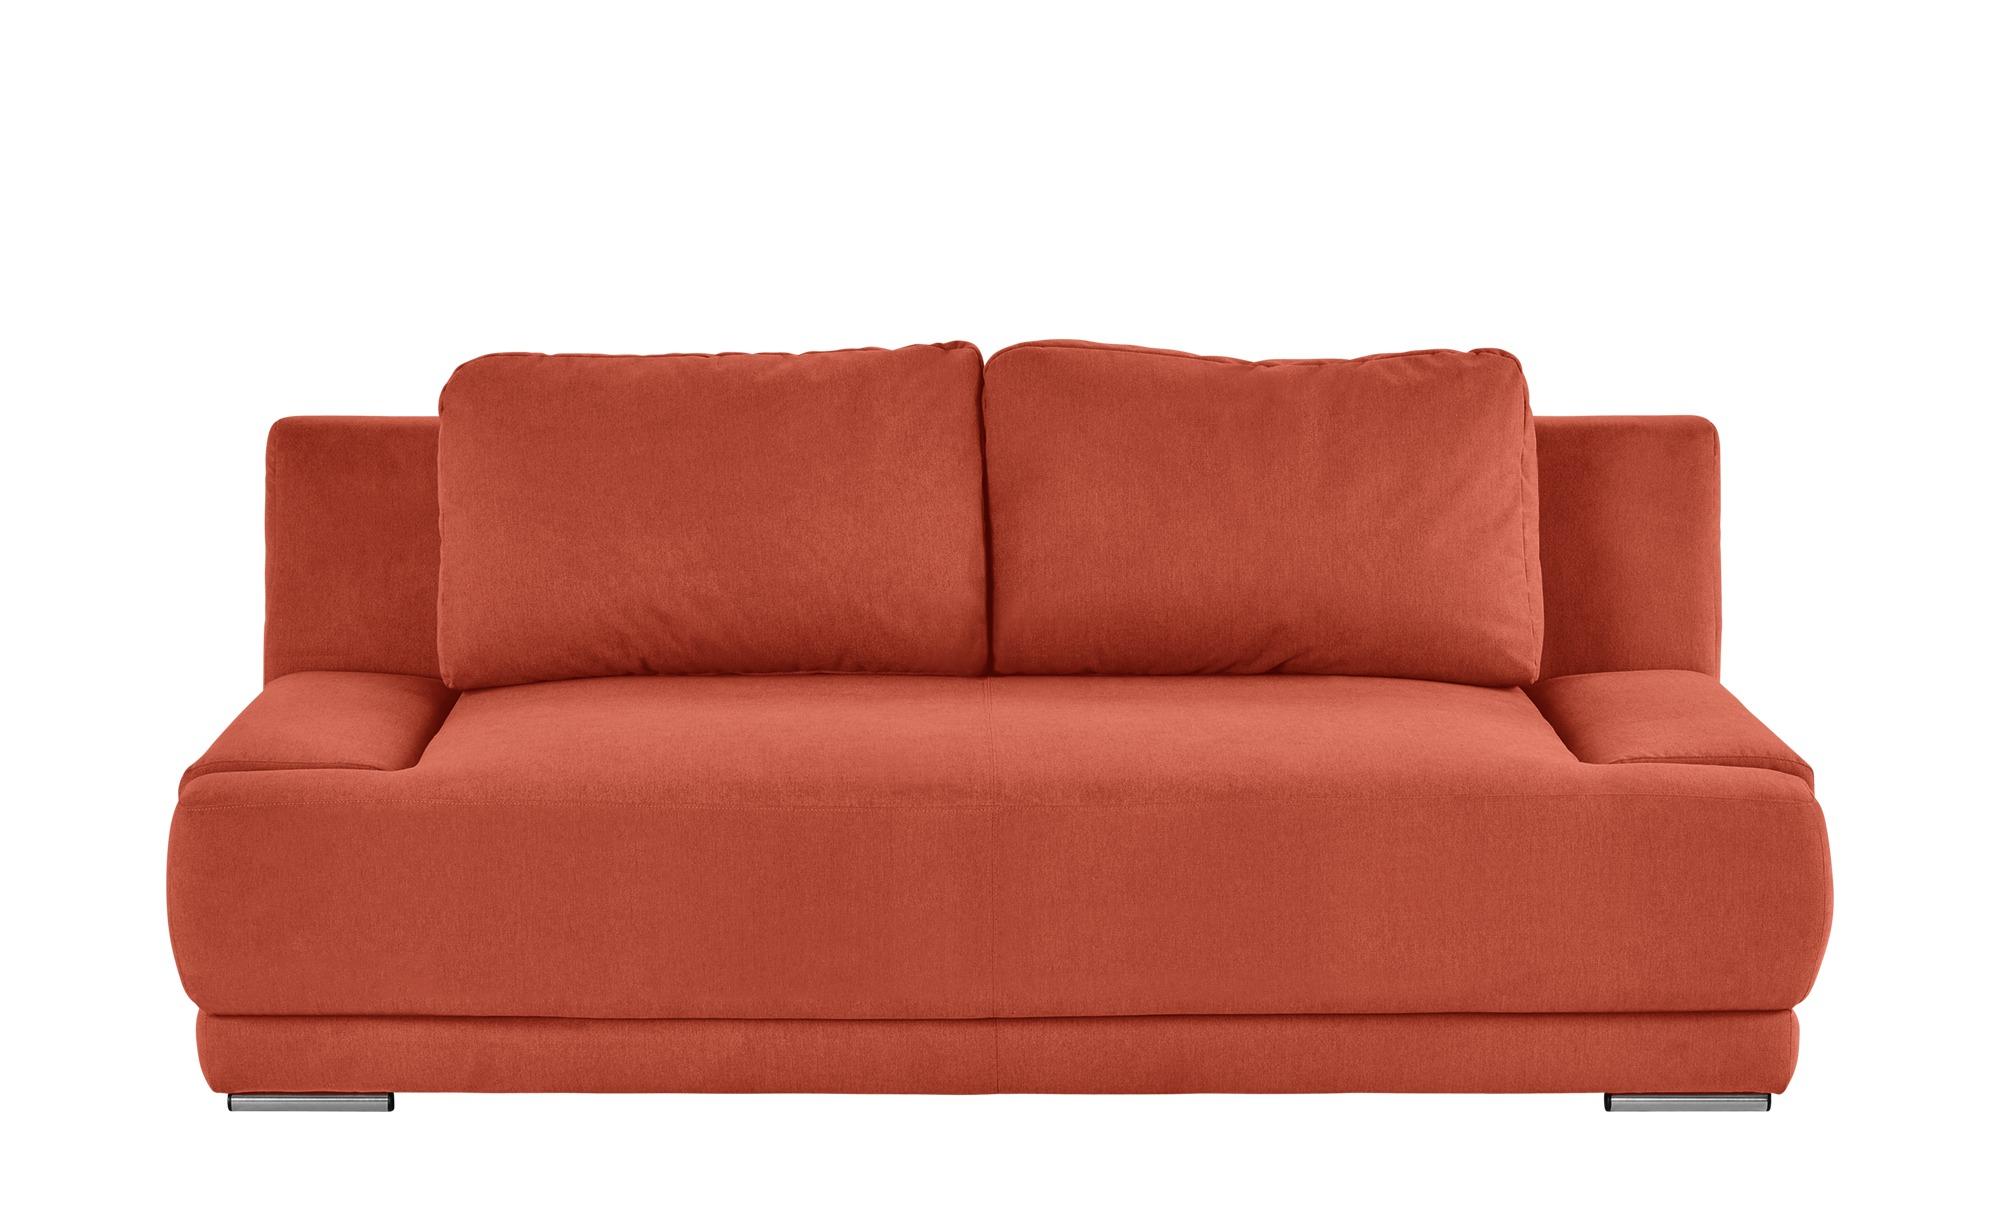 smart Schlafsofa orange - Flachgewebe Regina ¦ orange ¦ Maße (cm): B: 206 H: 83 T: 98 Polstermöbel > Sofas > 2-Sitzer - Höffner